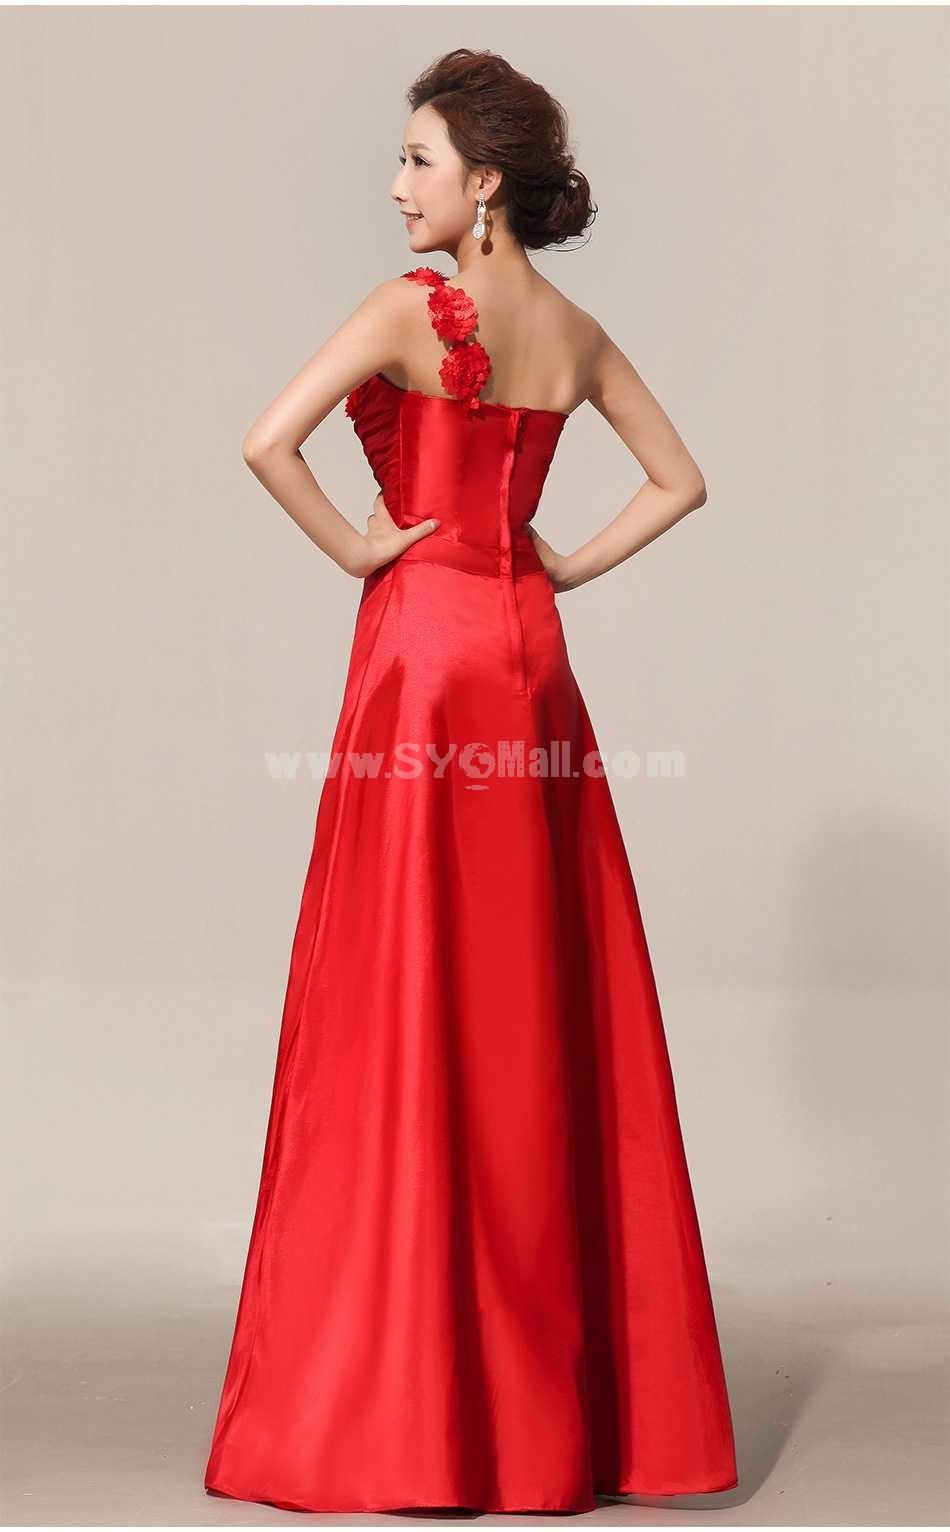 One Shoulder Floor-length Flora Chiffon Zipper Wedding Dress